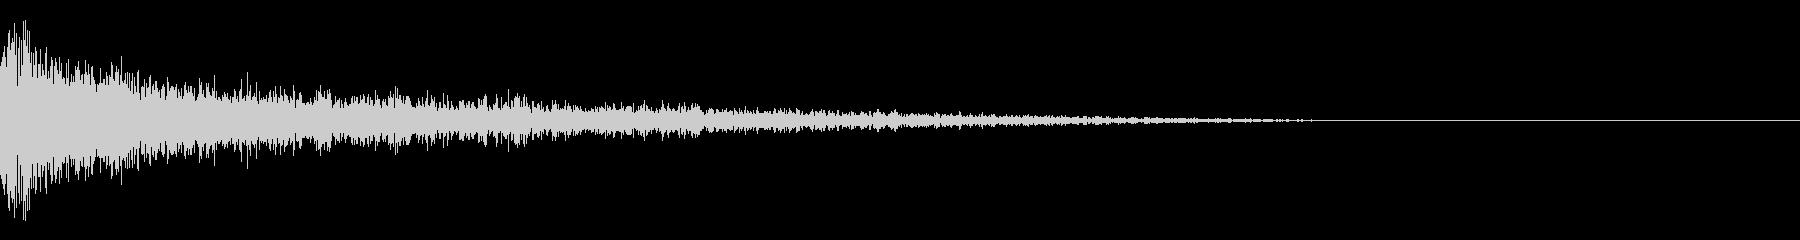 ドカーン(大砲を発射する音)ズドーンの未再生の波形